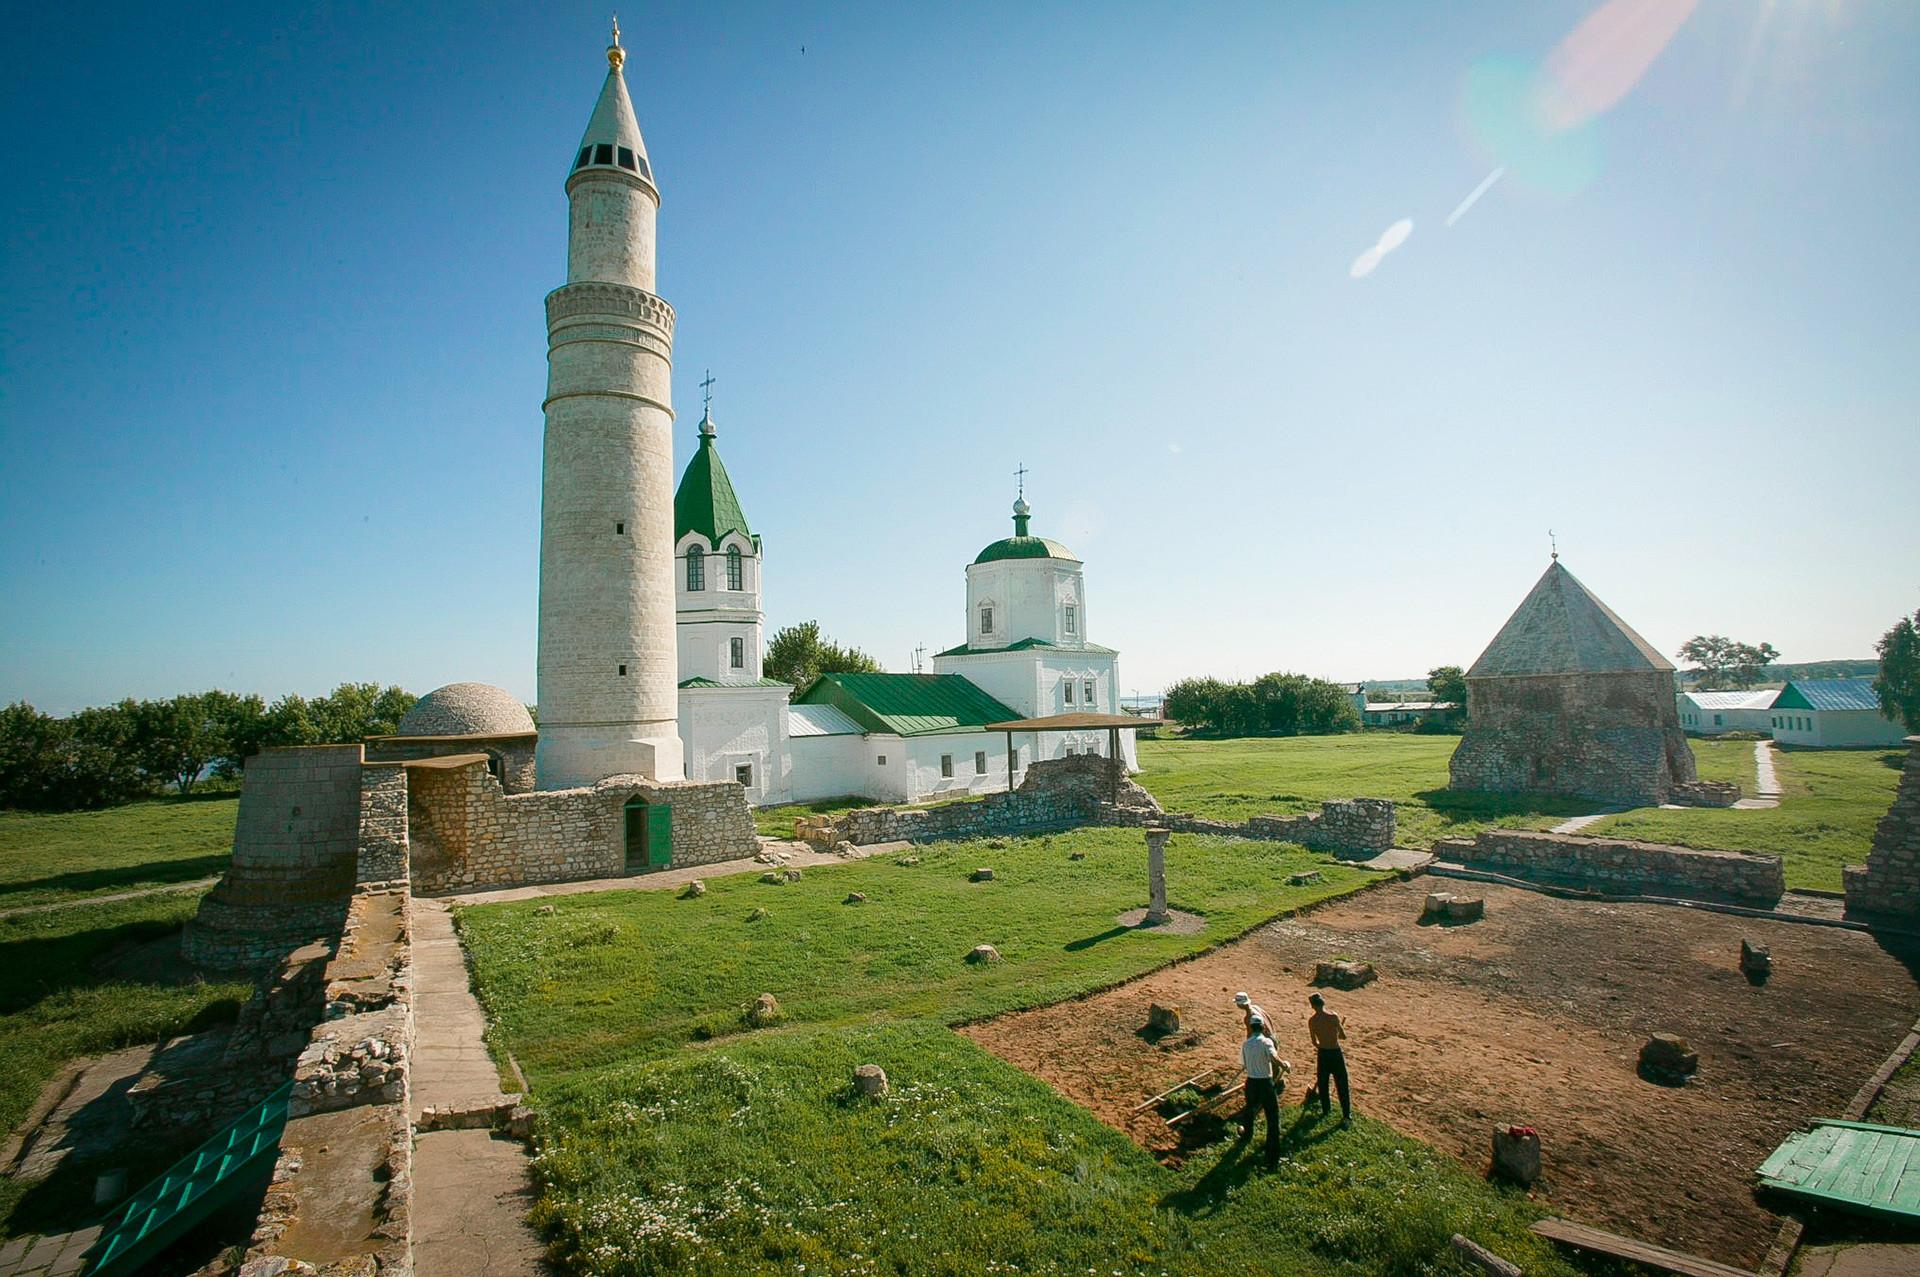 Голямото Минаре и руините на Катедралната джамия, XIV век .; в далечината се вижда и църква